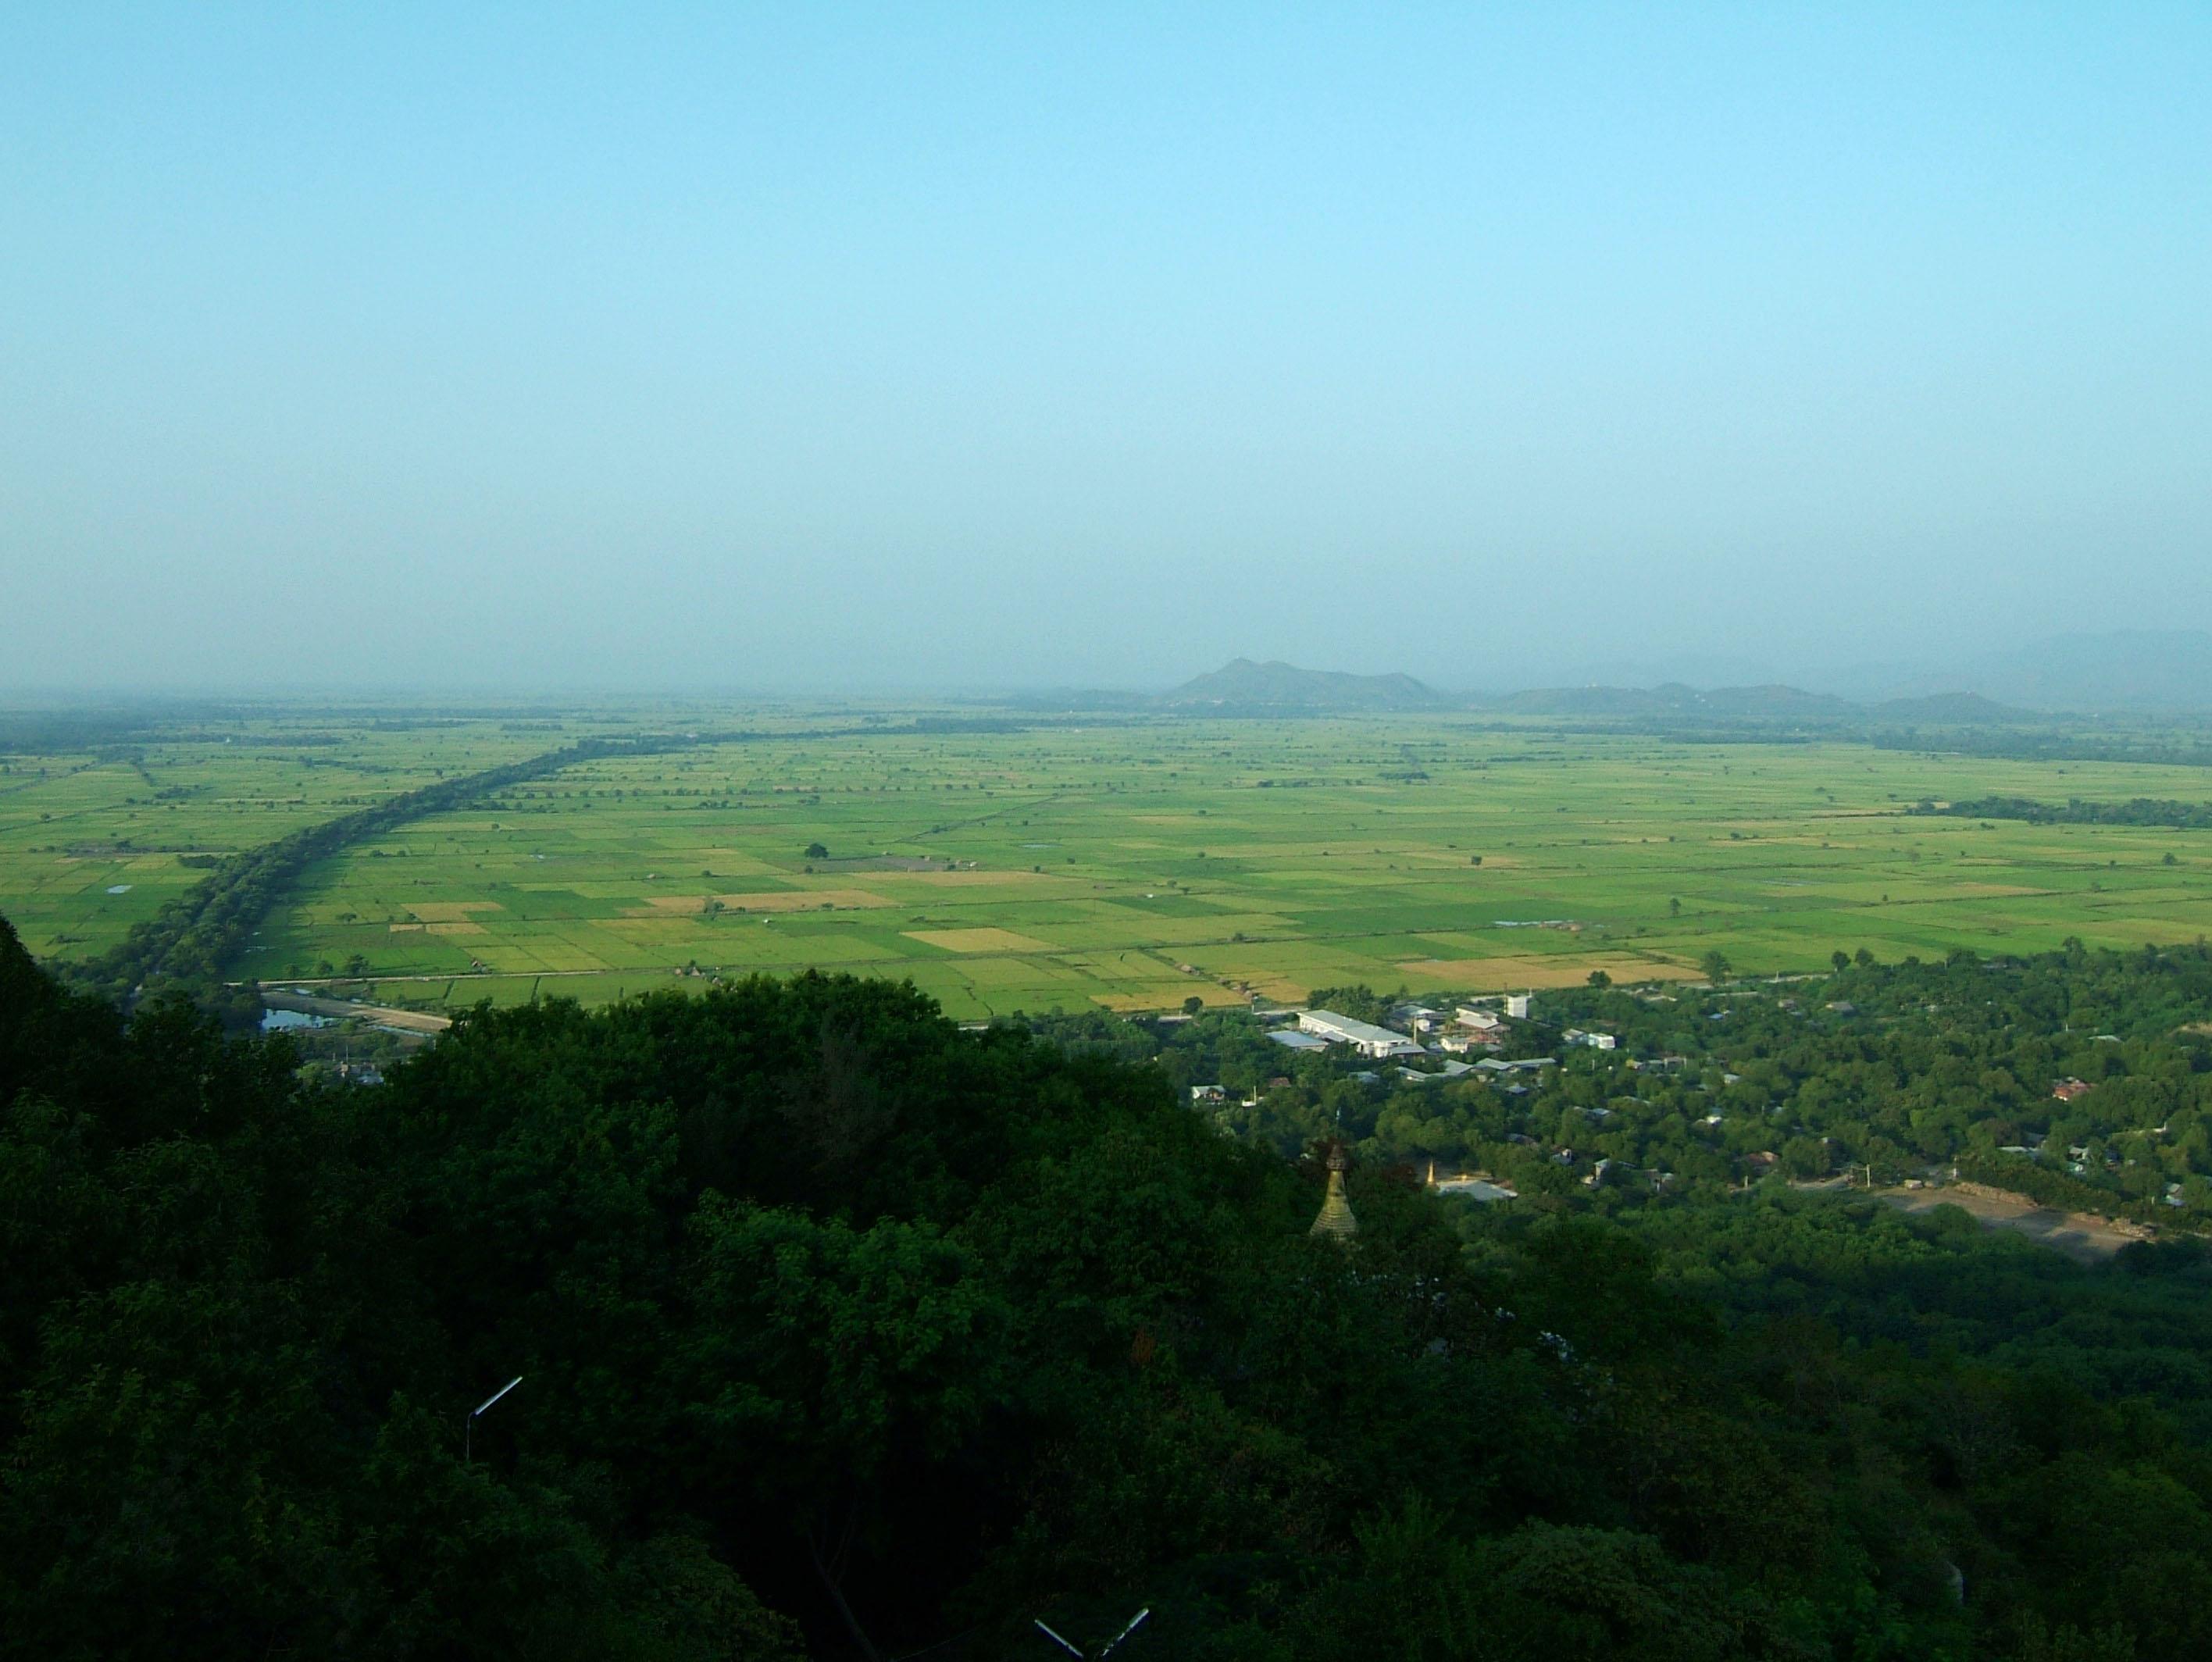 Mandalay Hill Sutaungpyei Pagoda panoramic views Dec 2000 07